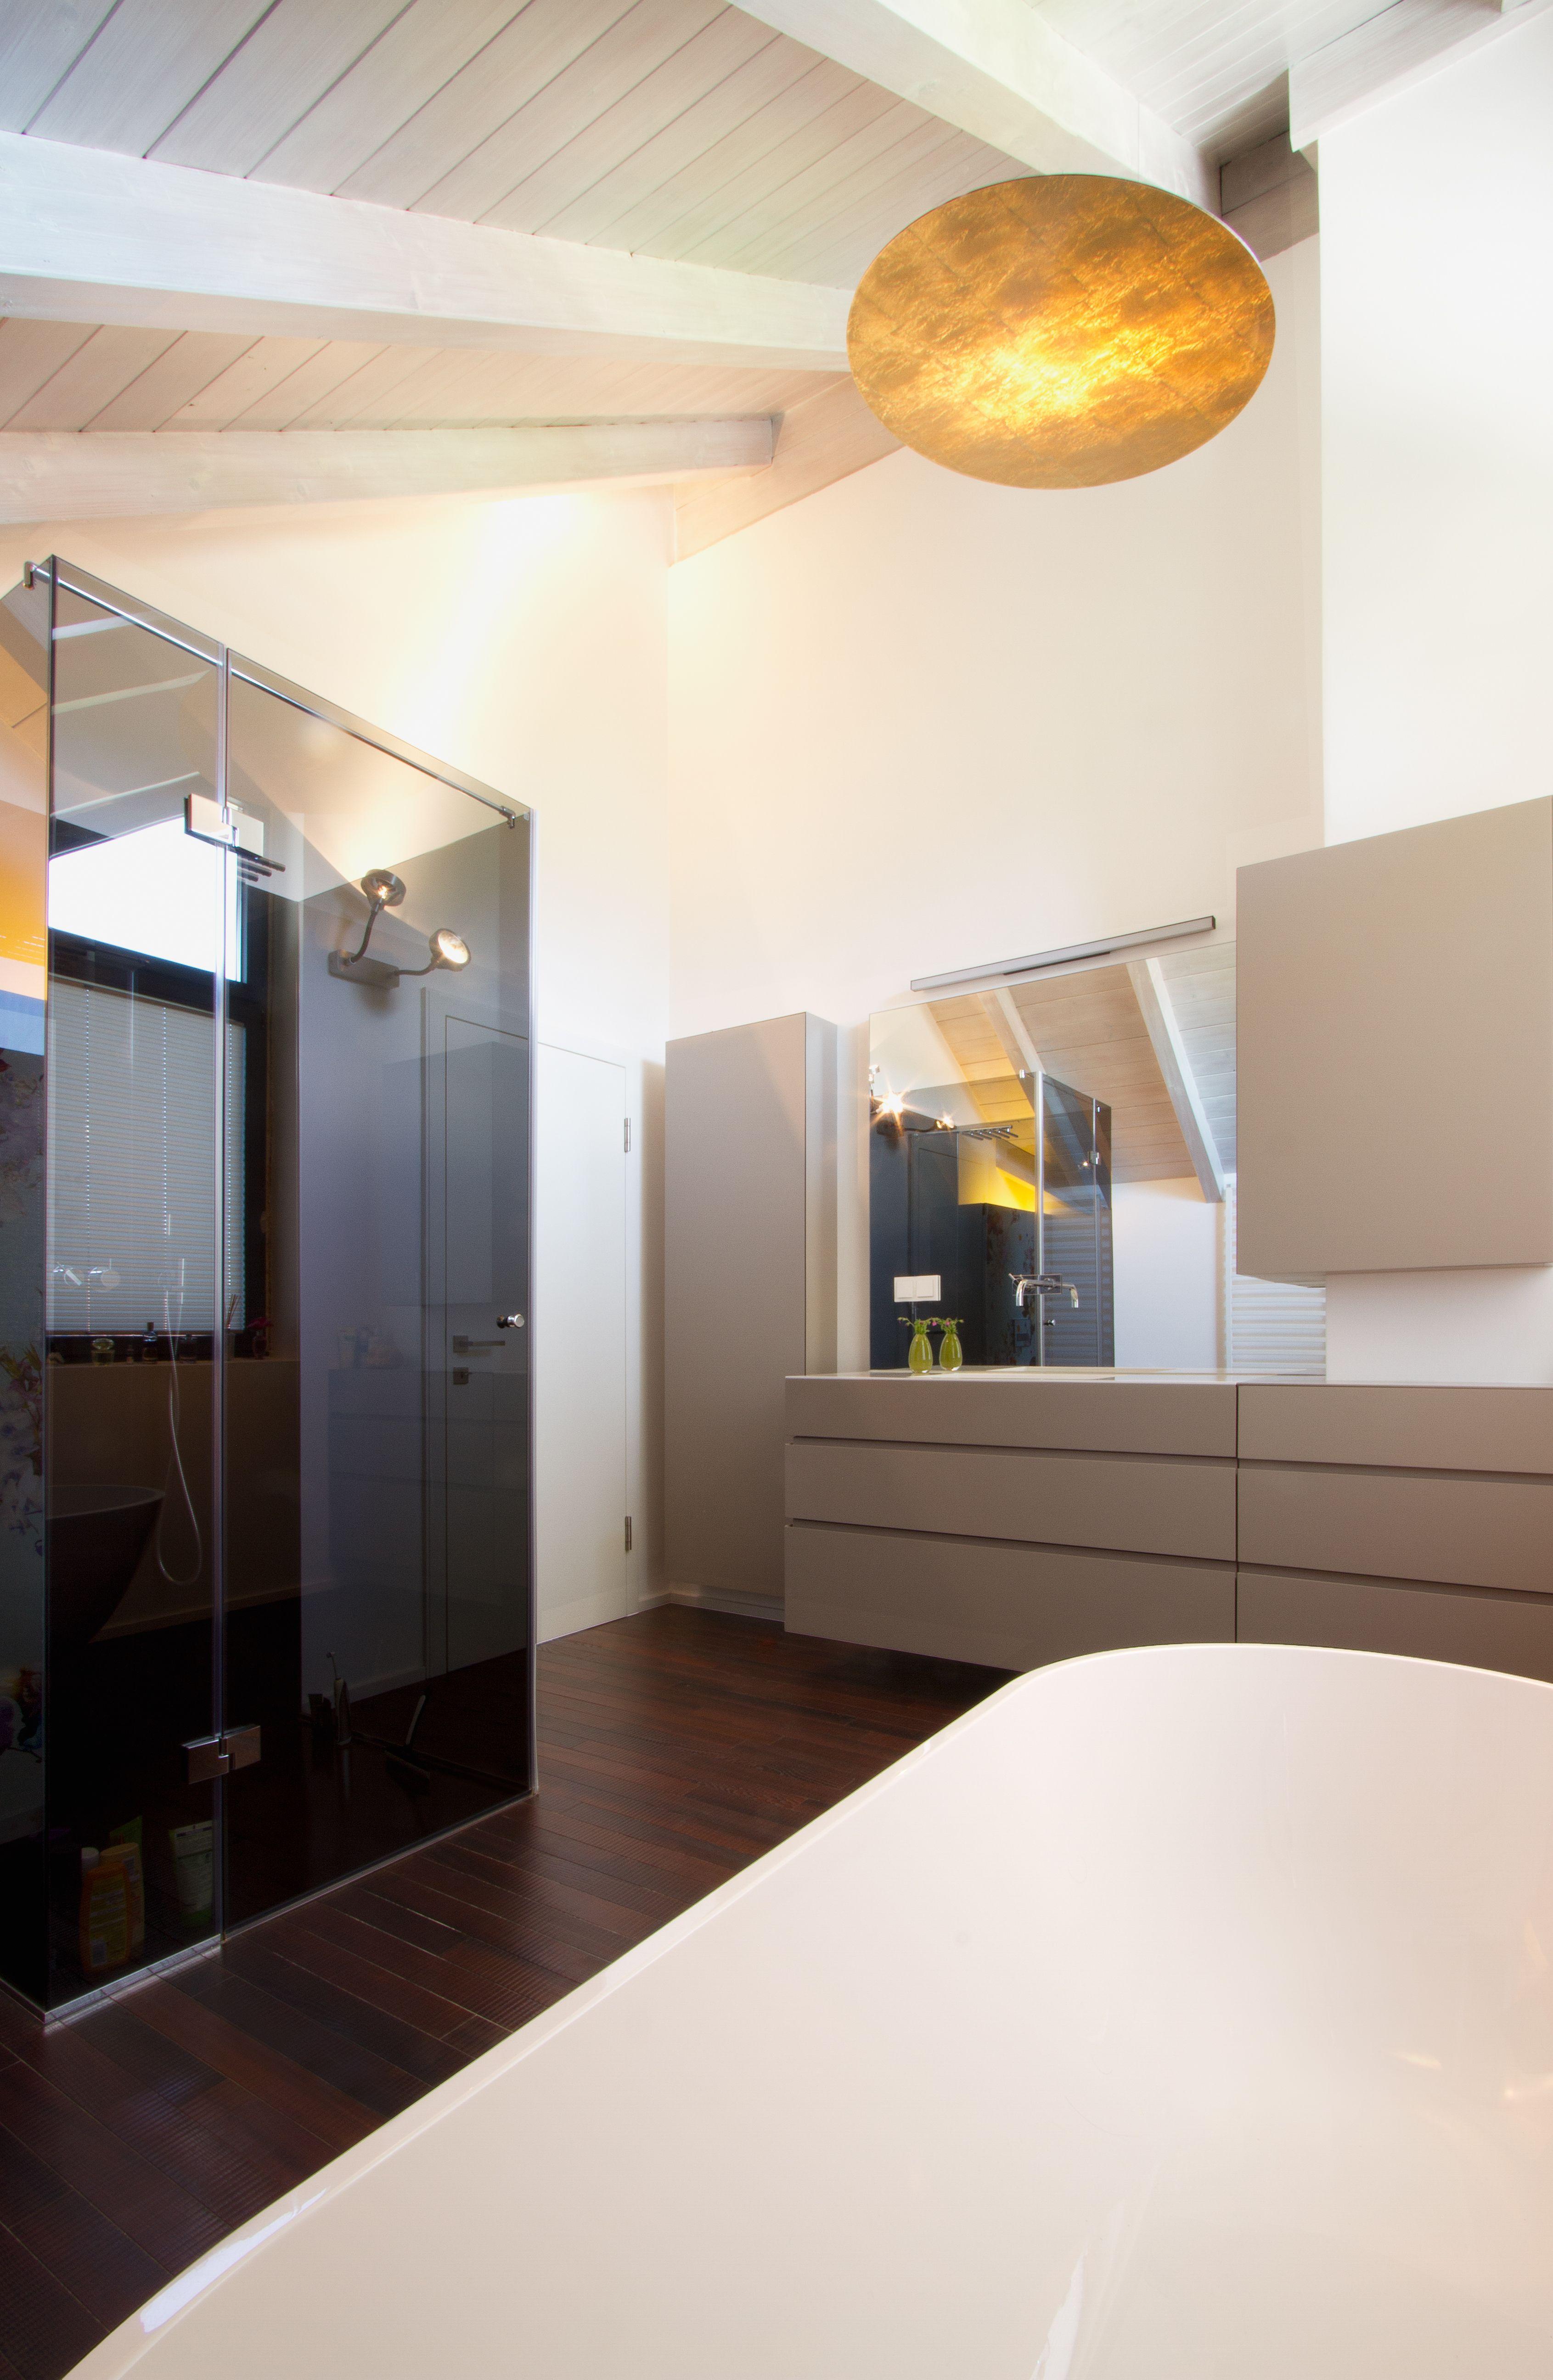 Badezimmer_Dusche_Spiegel_Anrichte_Holzboden Badezimmer